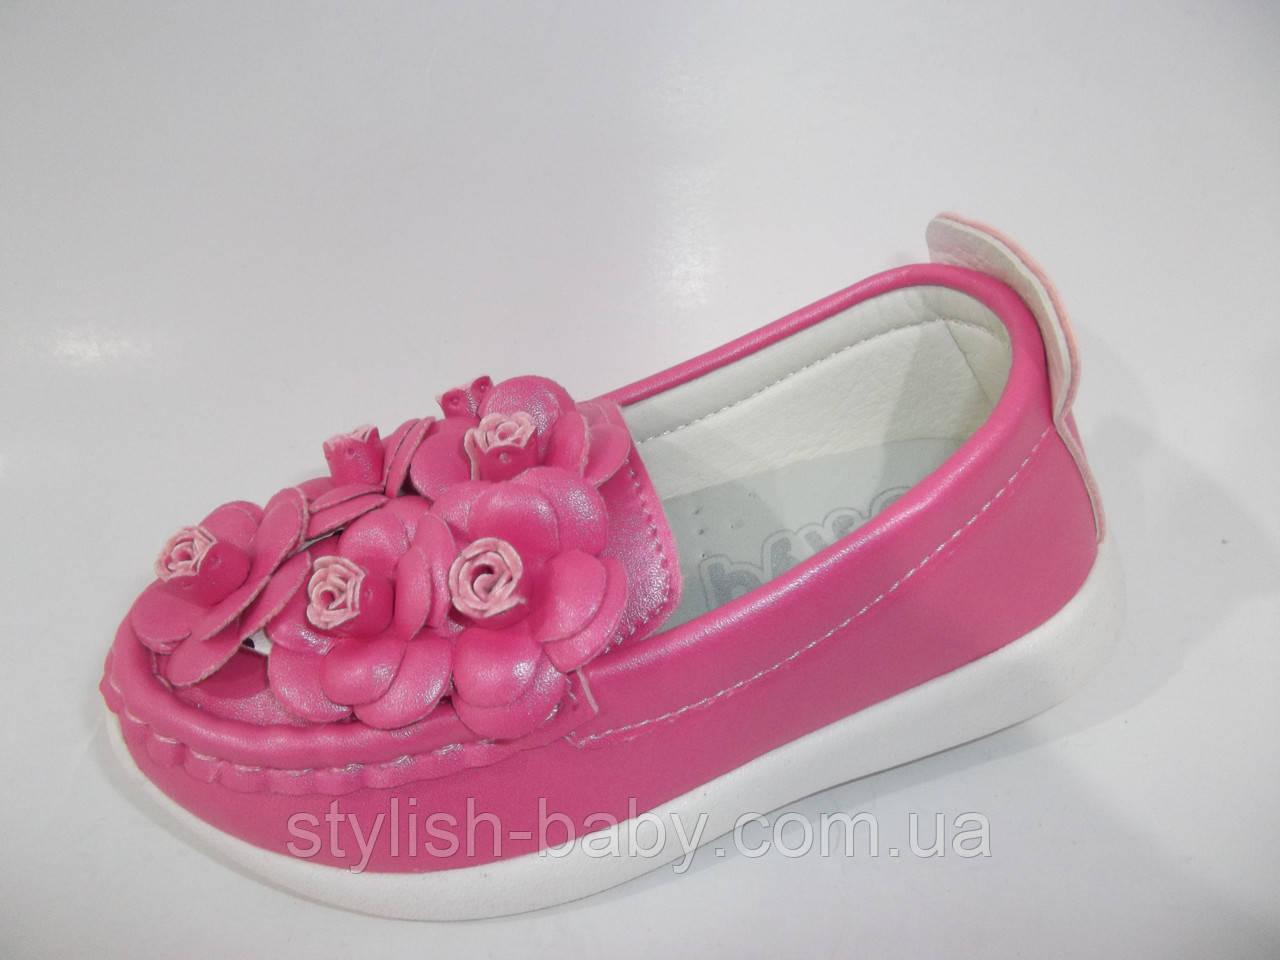 Детские туфли ТМ. Светлый Луч для девочек (разм. с 26 по 31)